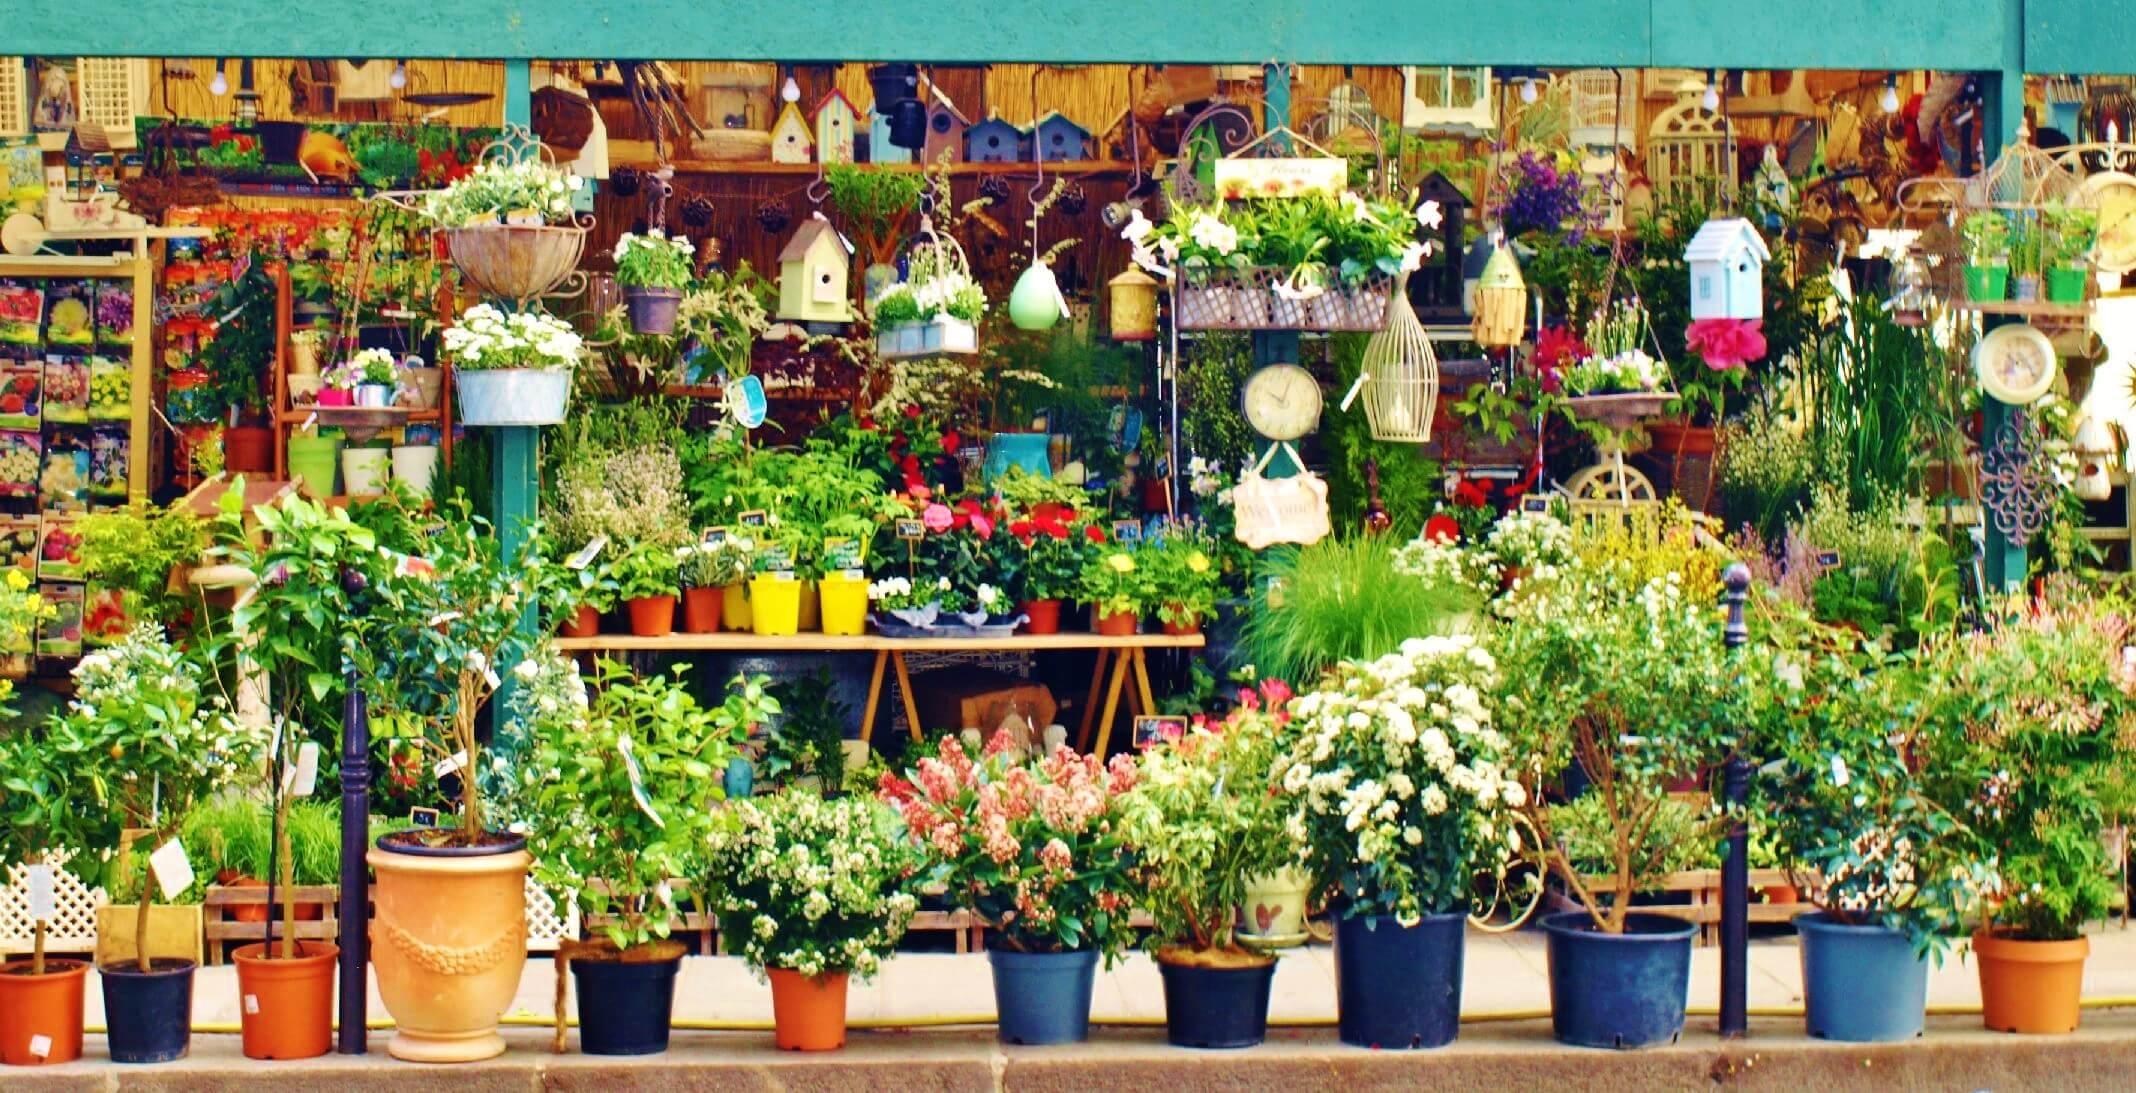 Mercado de las flores de París. Si buscas mercadillos de flores este es ideal.